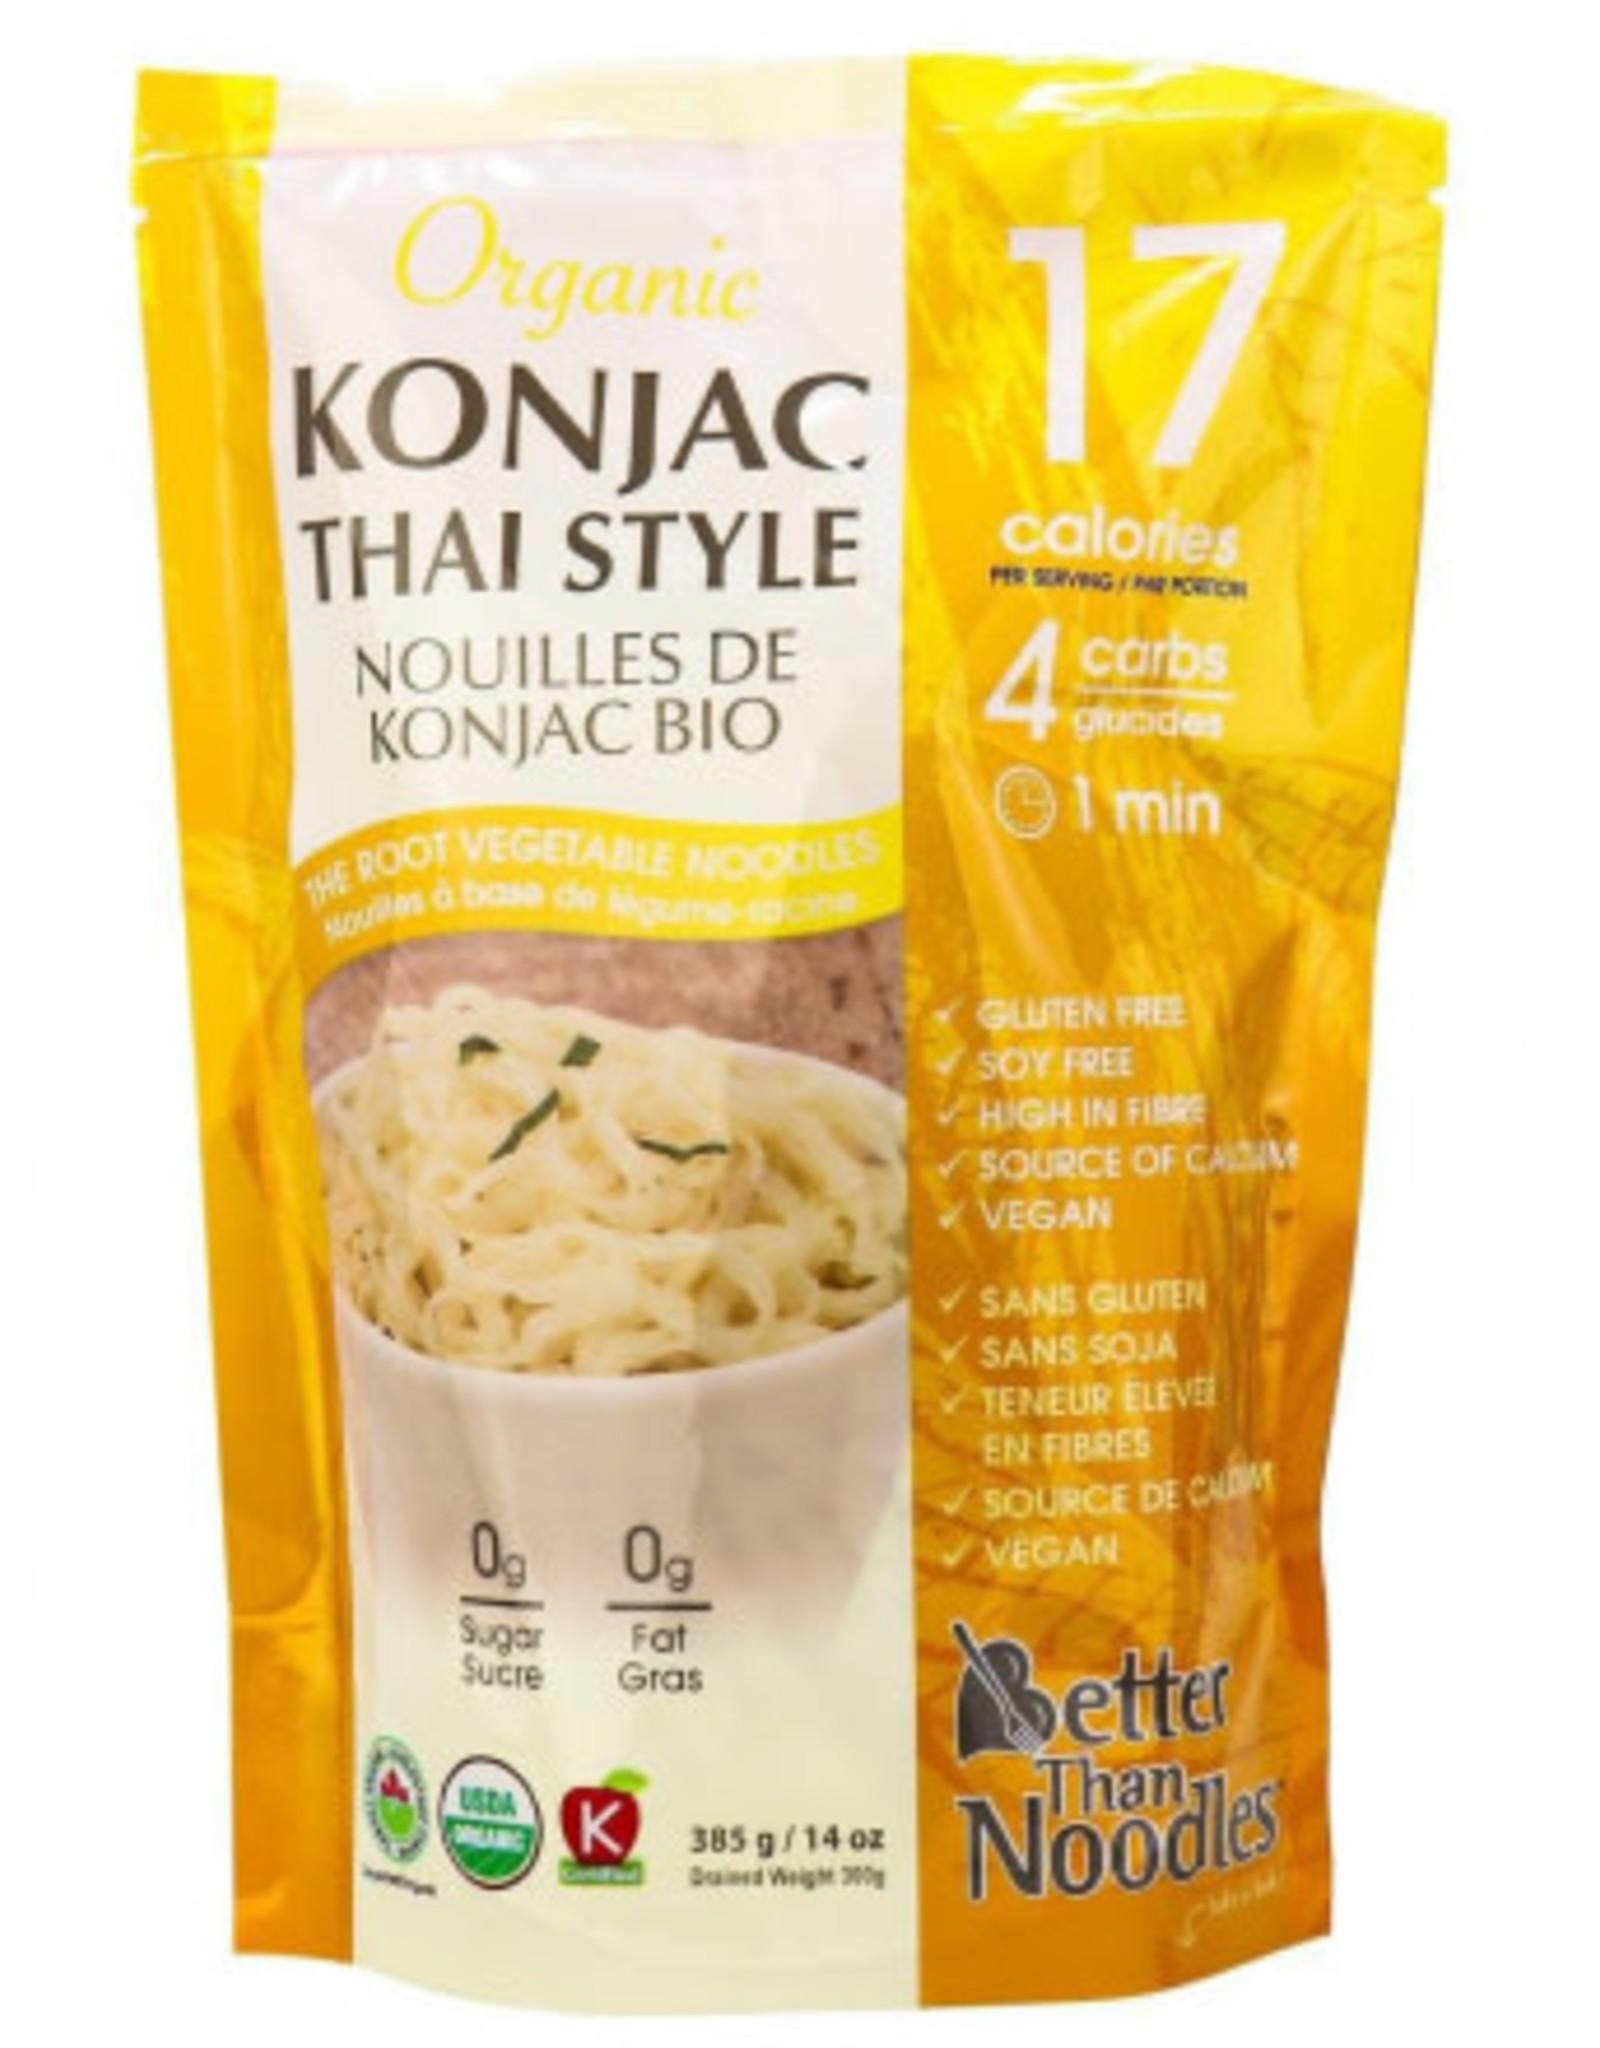 Better Than Noodles Better Than Noodles - Thai Style Noodles (300g)